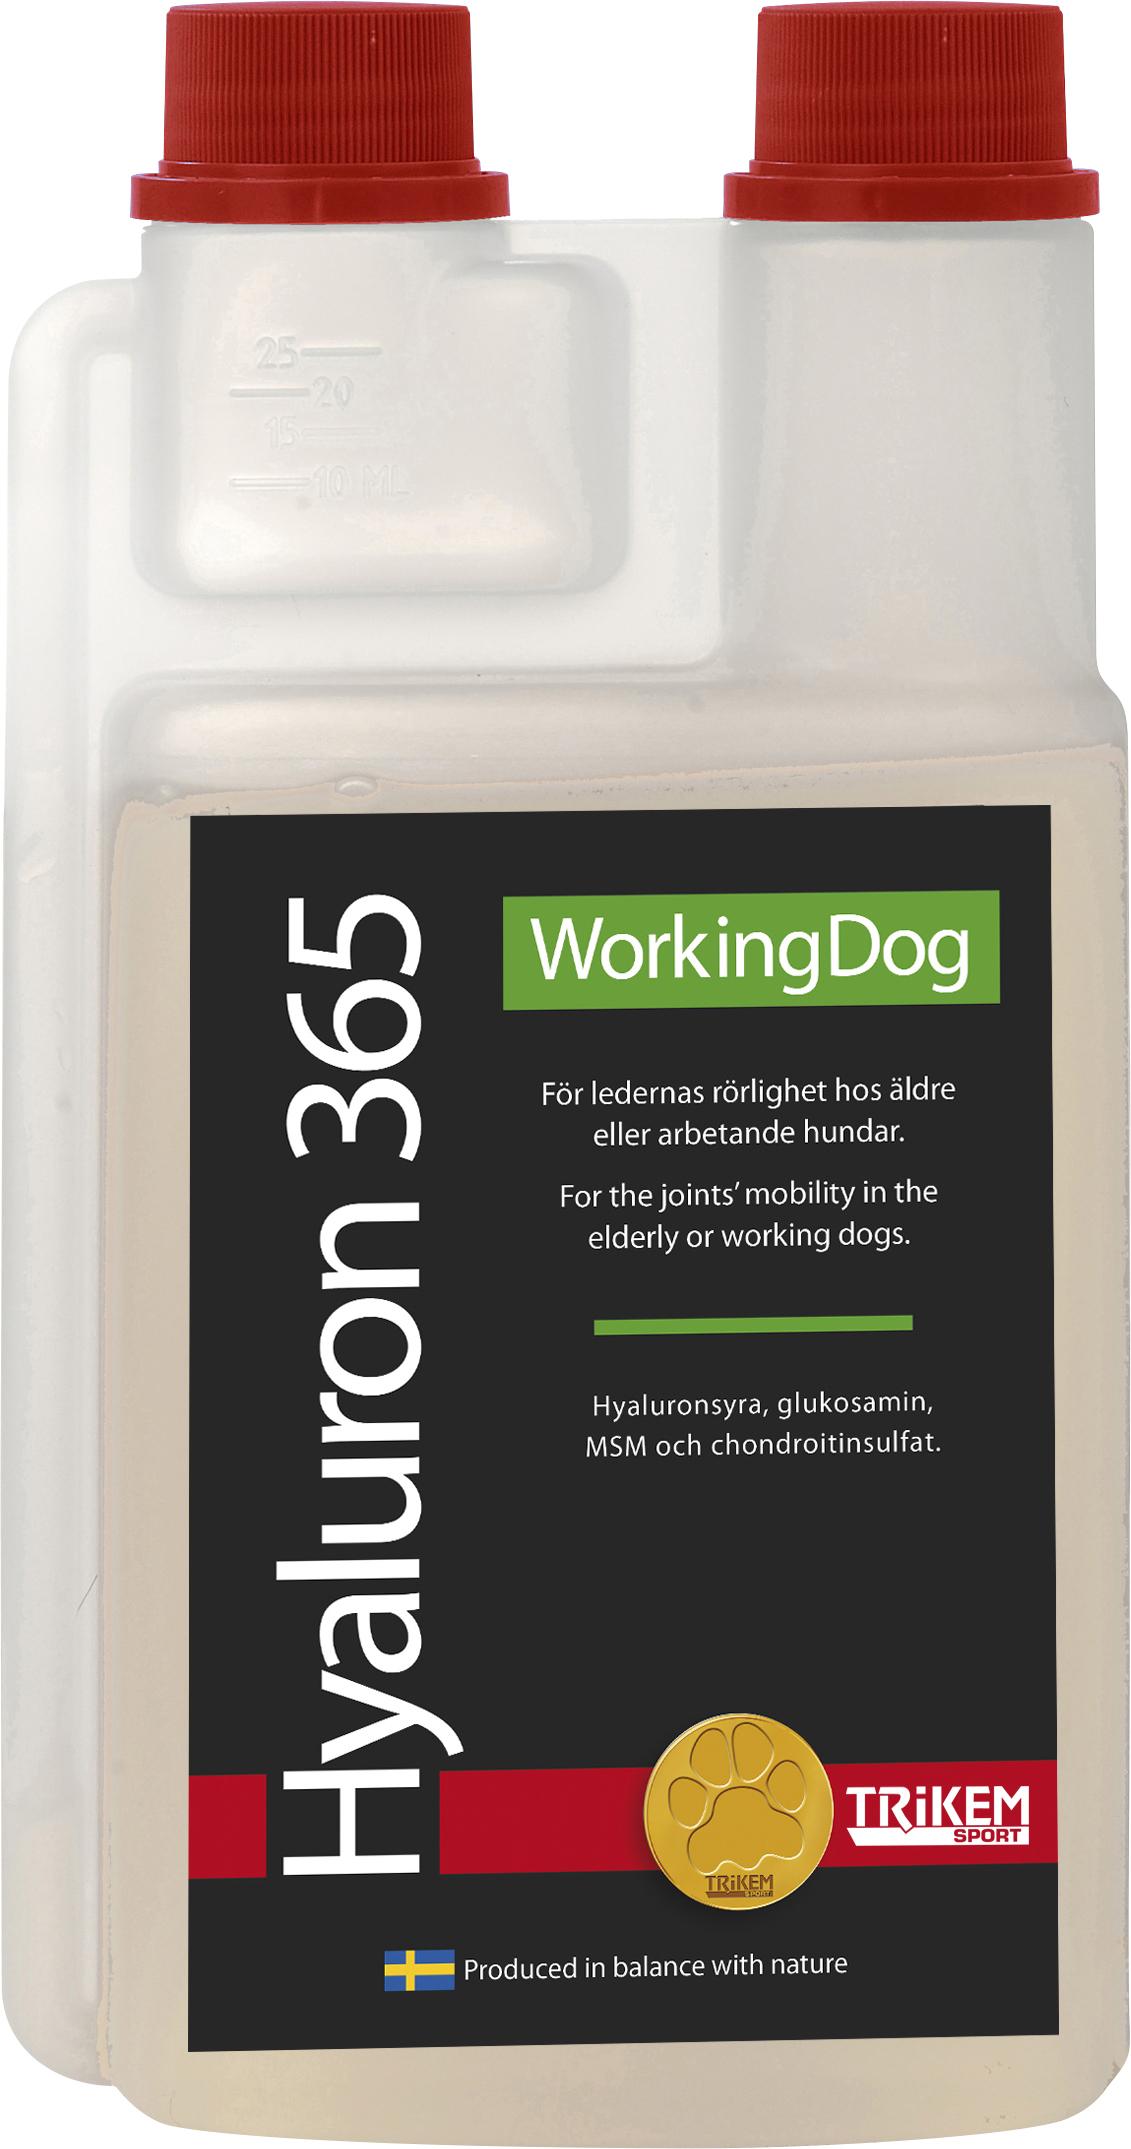 Tillskott Trikem WorkingDog Hyaluron 365, 500 ml